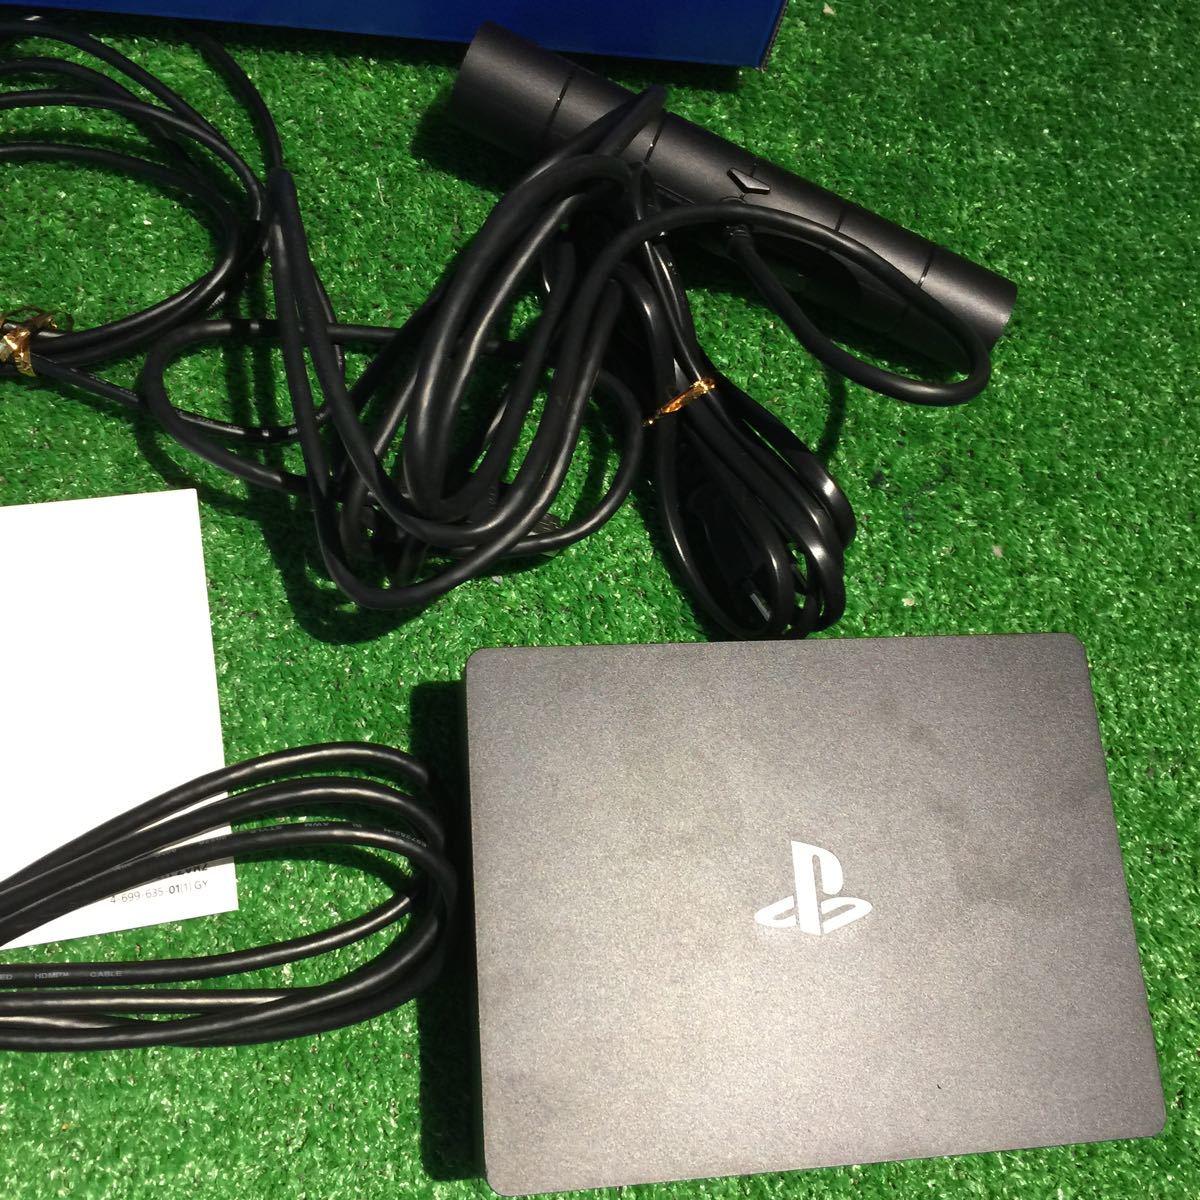 1円~ PSVR PlayStation VR PlayStation Camera同梱版 CUHJ-16003 元箱 説明書付き (77) 100サイズ_画像7